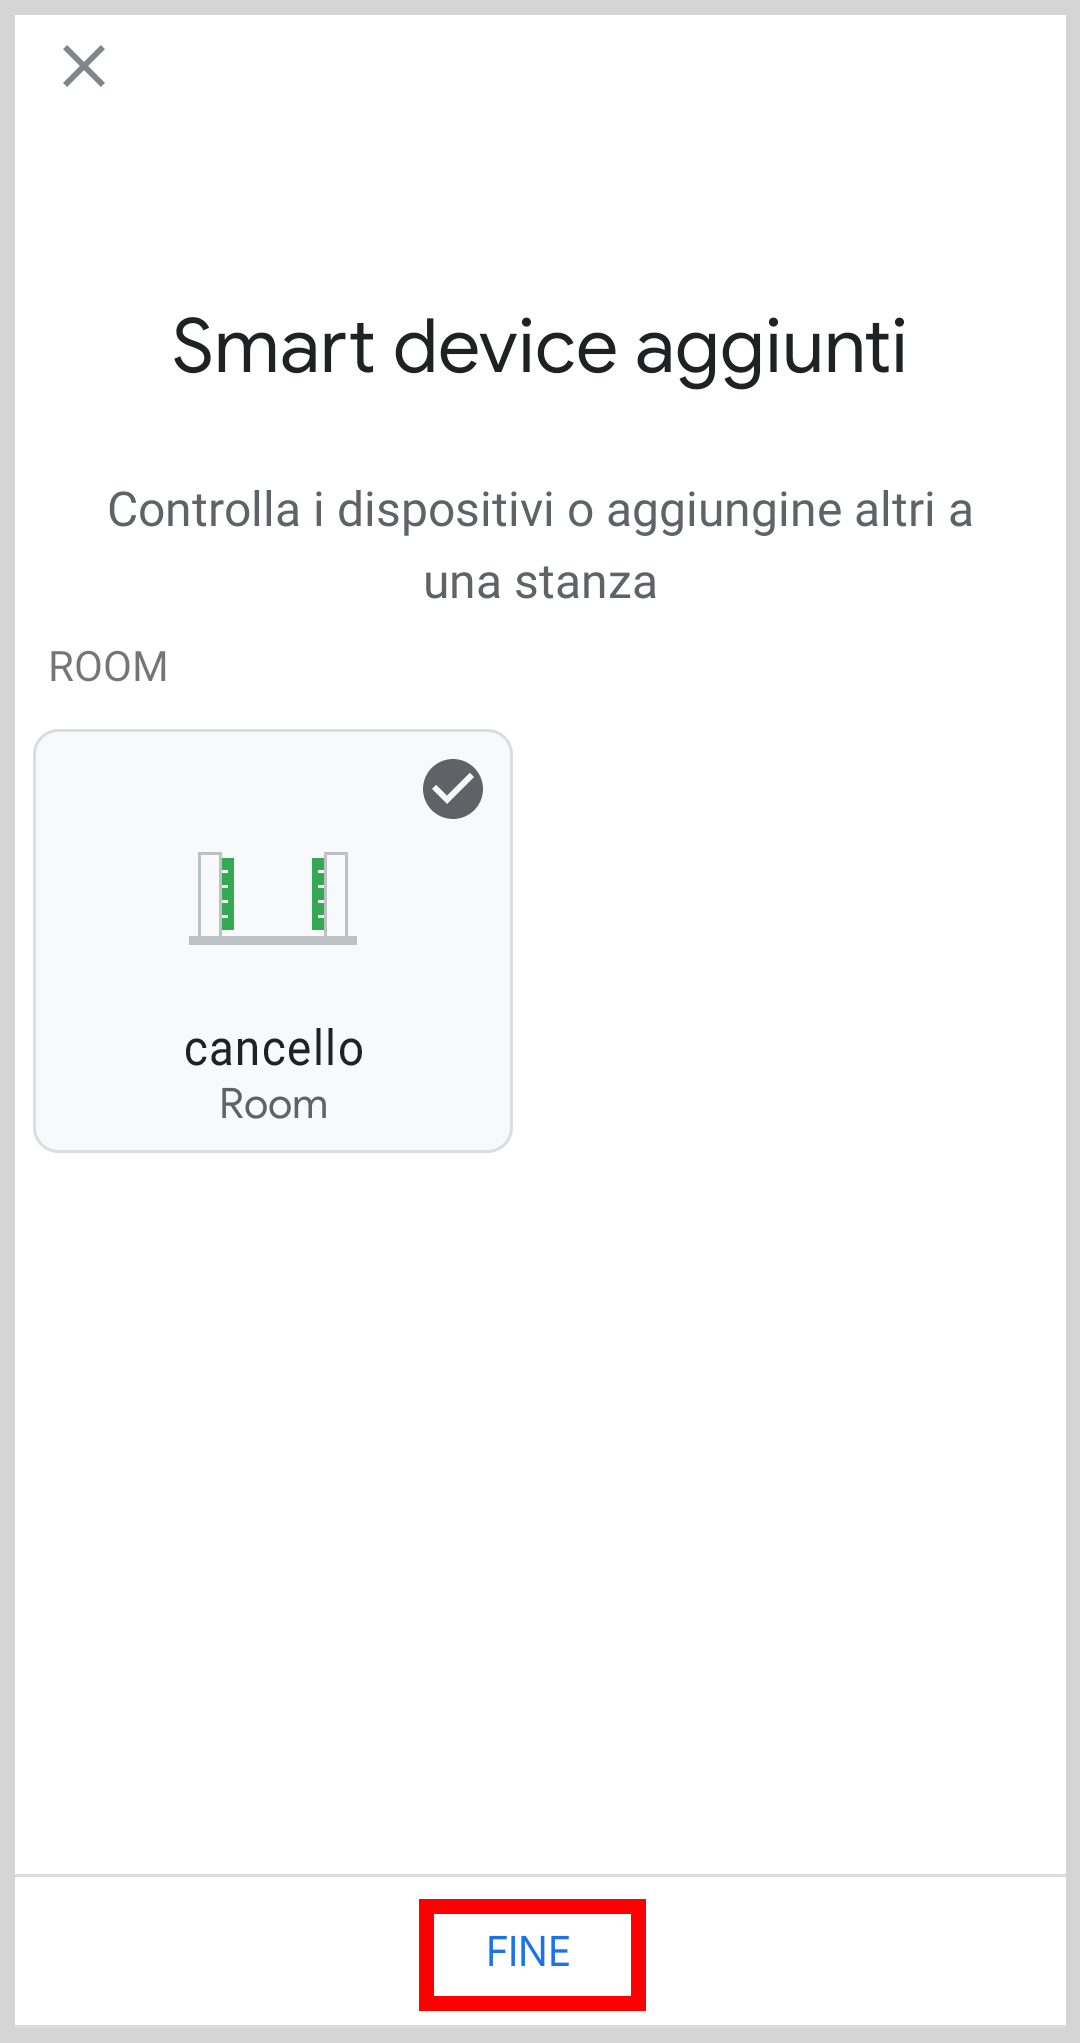 https://www.1control.eu/assistanceData/guida-google/ita/6.png